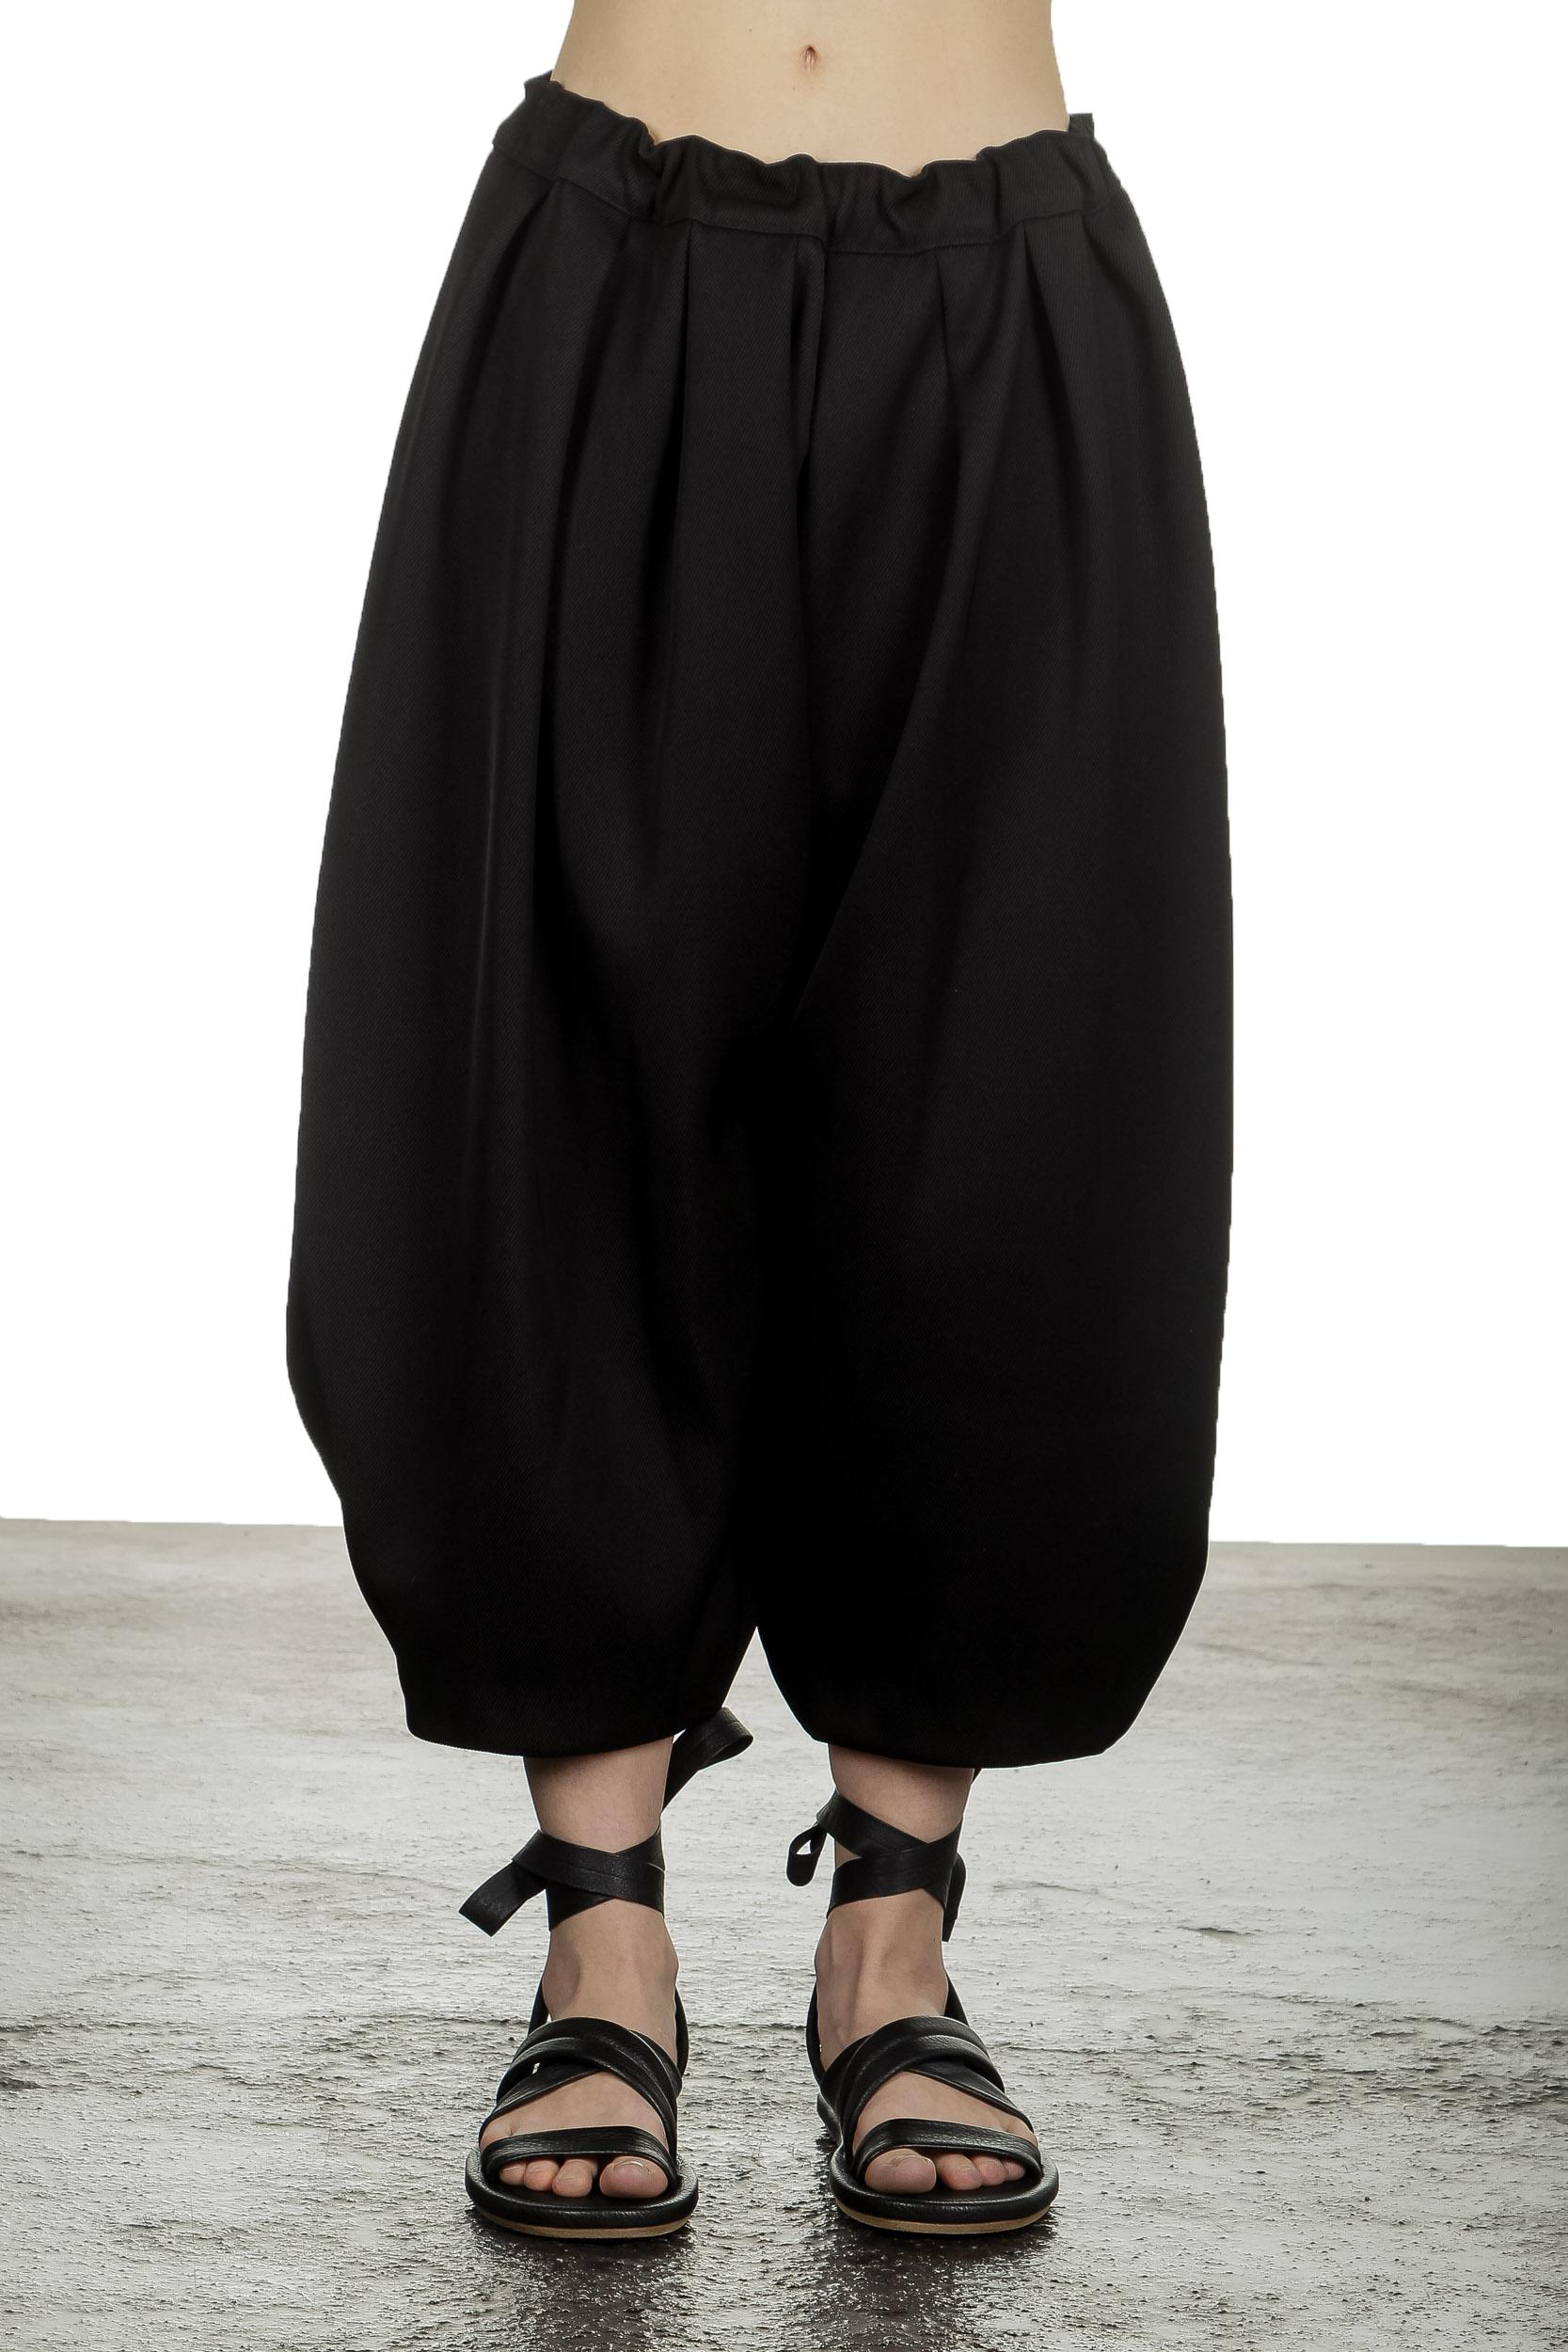 Hosen - Comme Des Garçons Damen Hose mit Stretchbund schwarz  - Onlineshop Luxury Loft